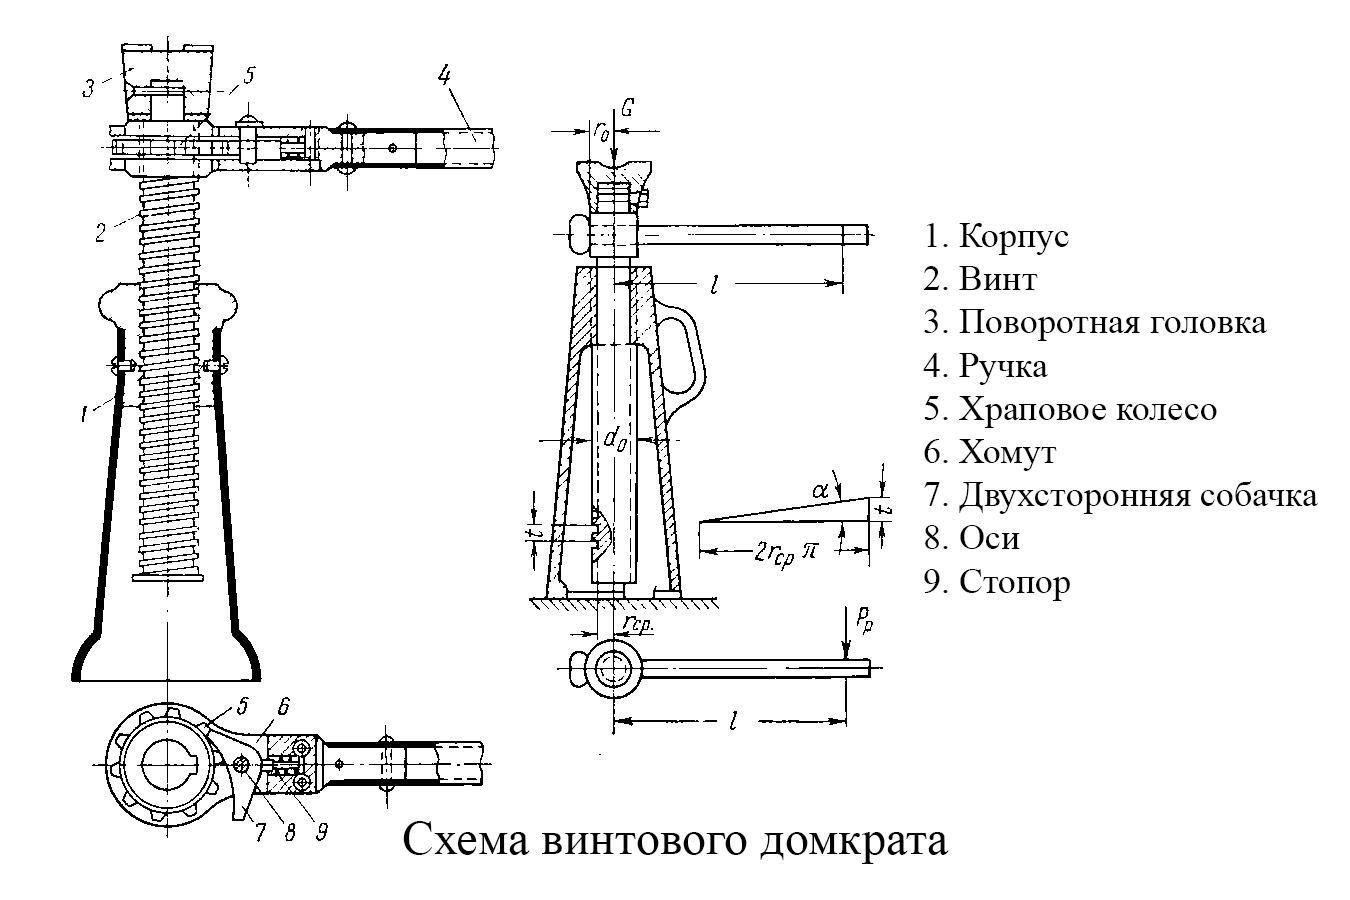 Схема винтового домкрата